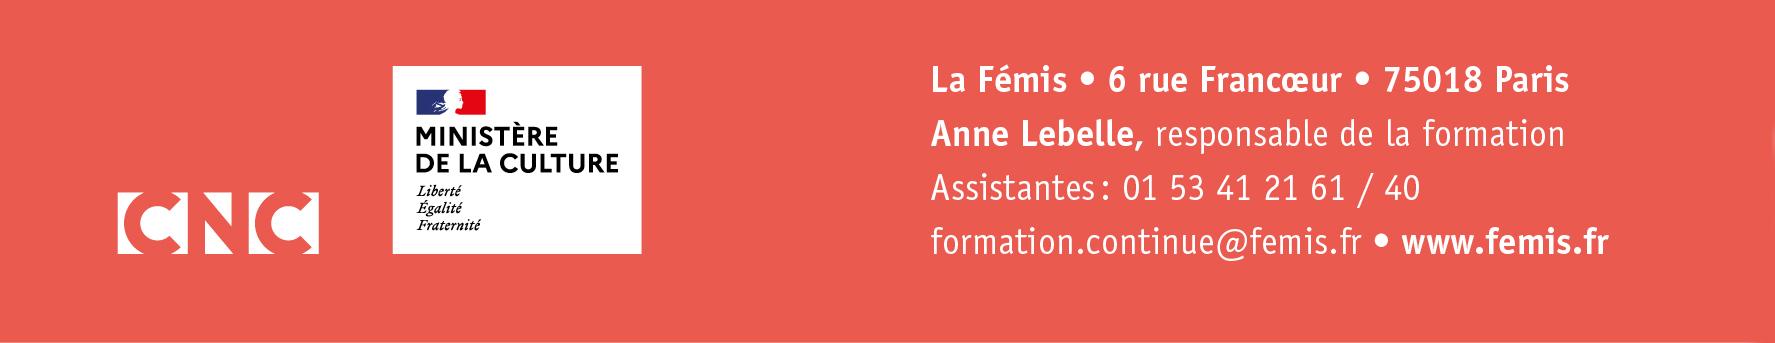 La Femis - Directeur d'exploitation cinématographique